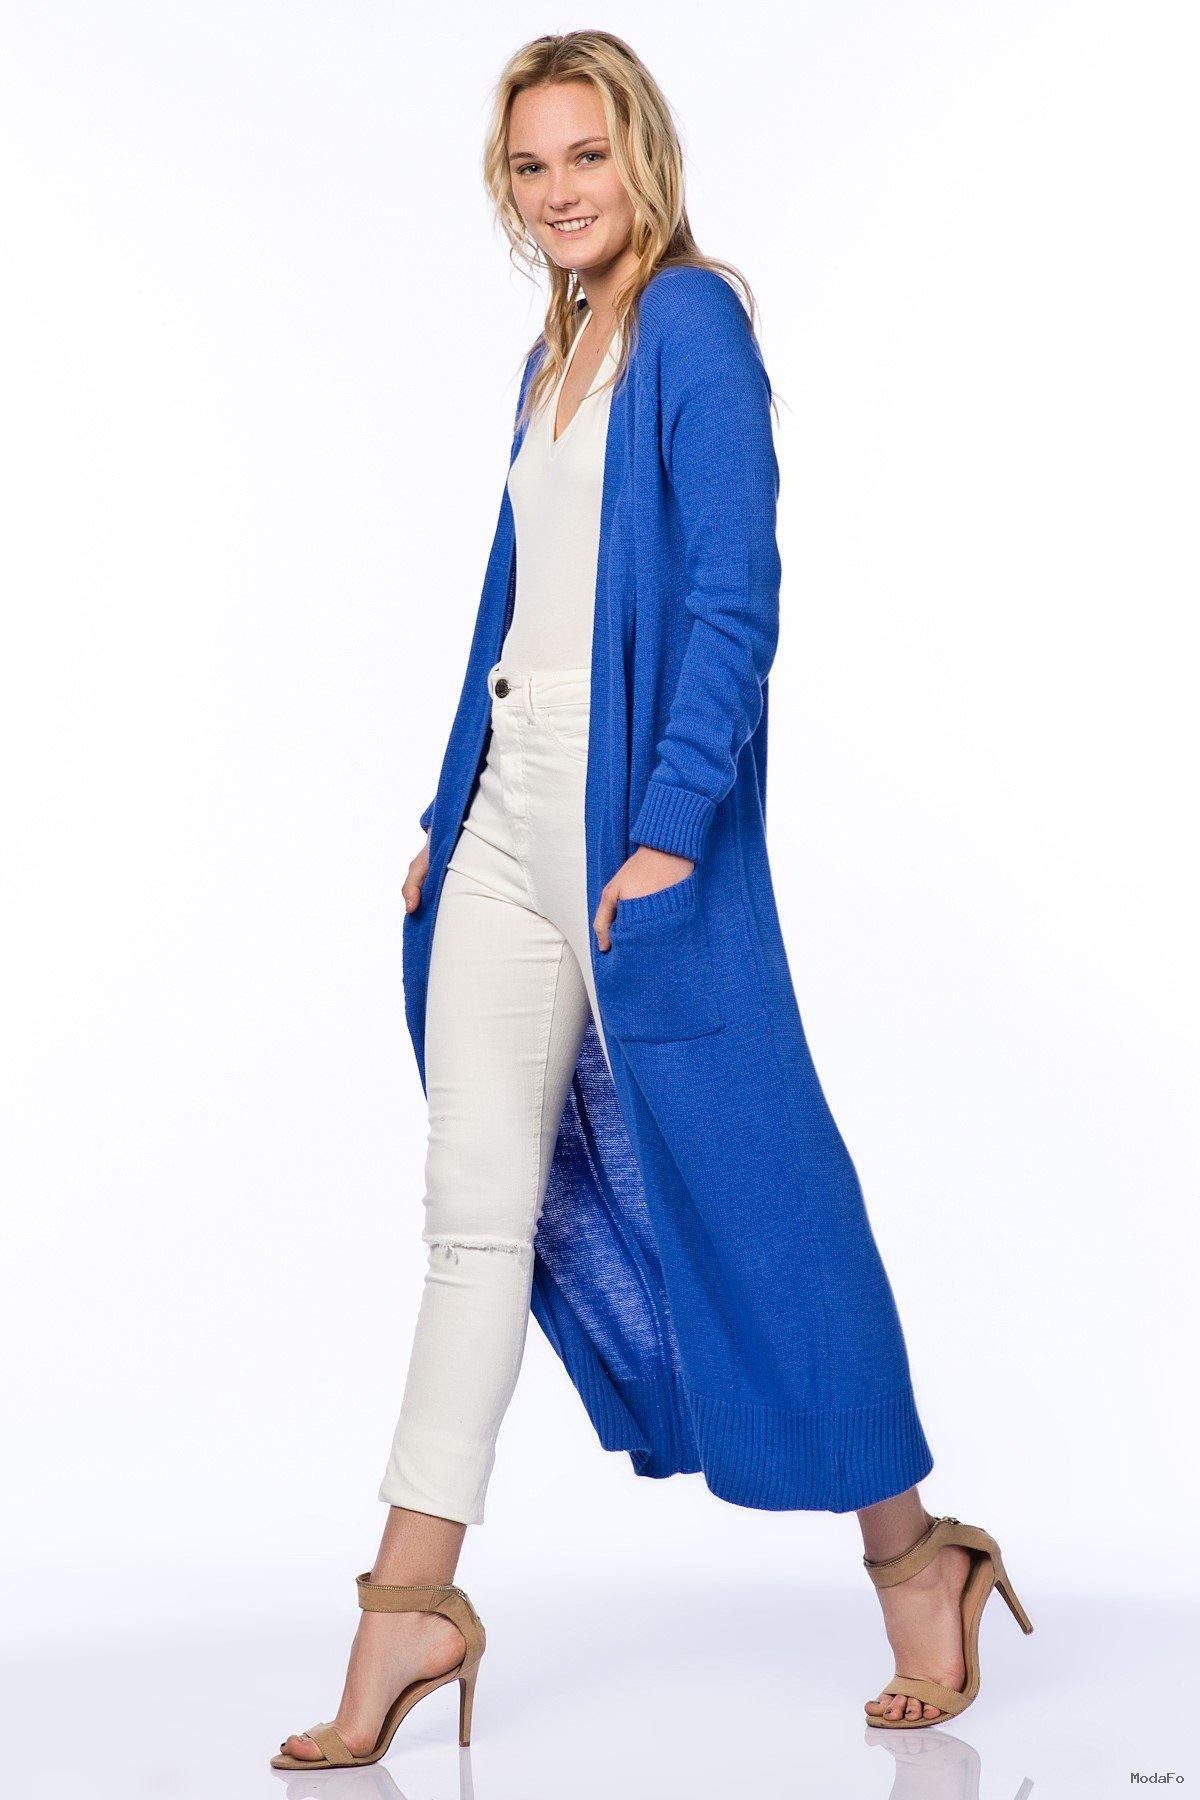 uzun mavi hırka modelleri - Uzun hırka modelleri Uzun Hırka Kombinleri Uzun Hırka Modası Uzun Kış Modası Hırka Kombinleri